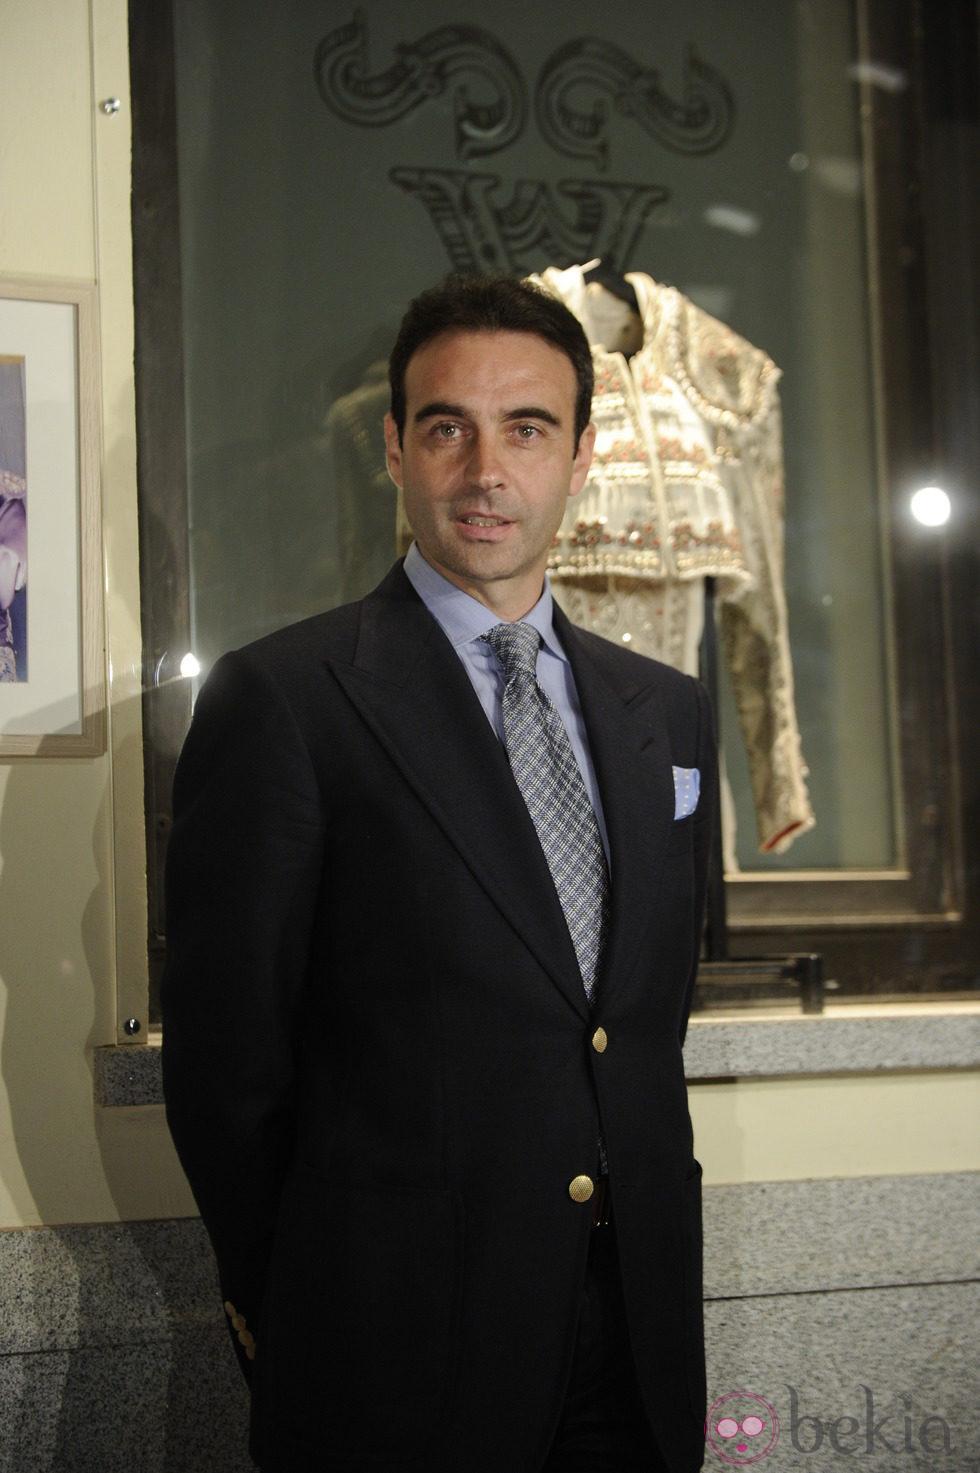 Enrique Ponce inaugura una exposición con sus trajes de luces